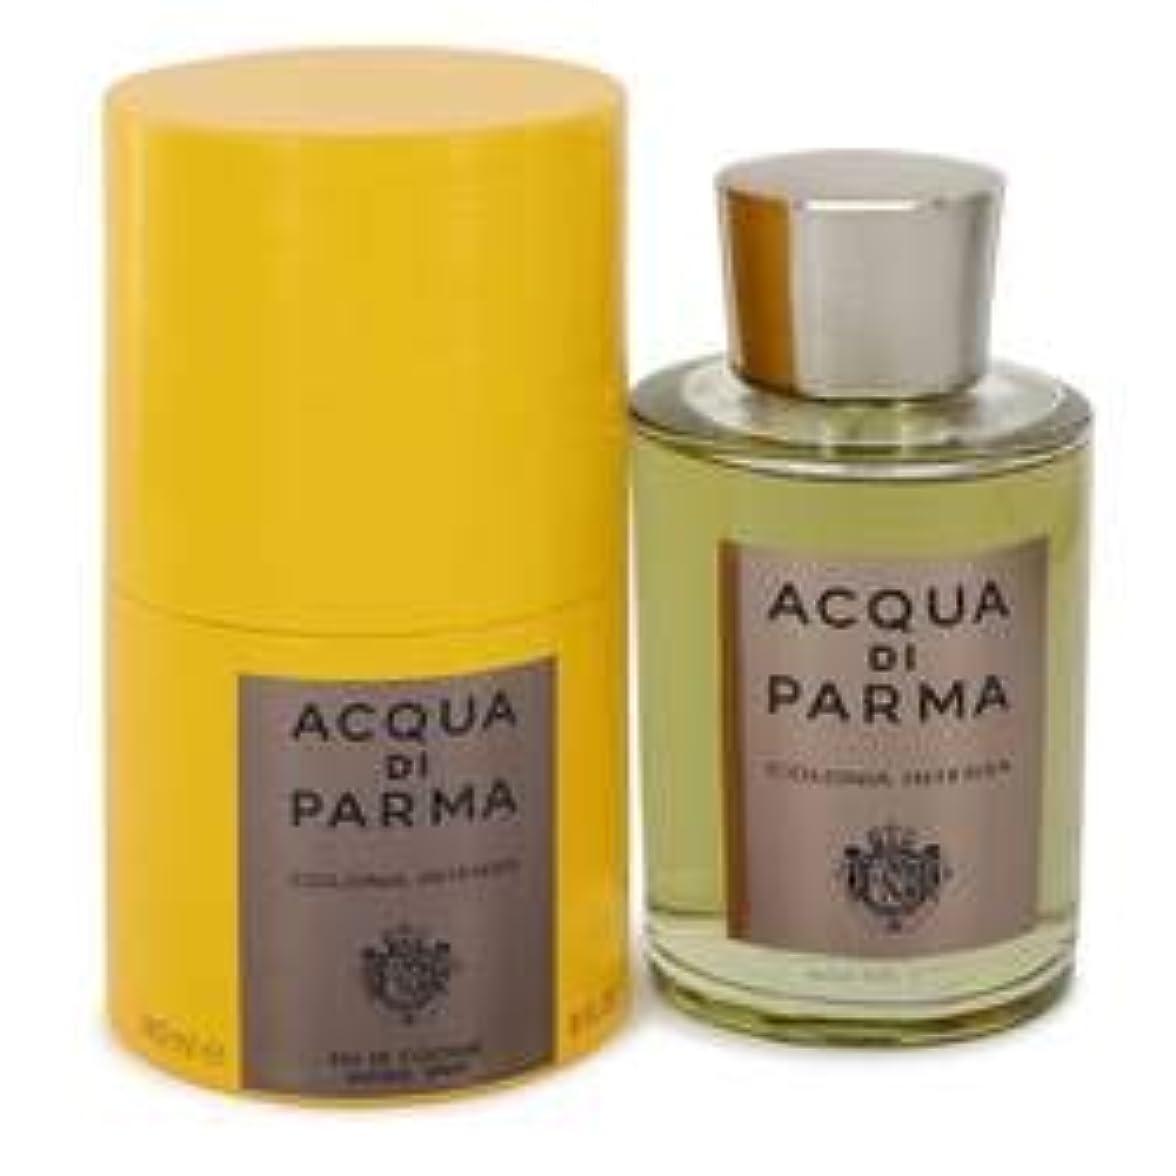 サービスバッチ熱帯のAcqua Di Parma Colonia Intensa Eau De Cologne Spray By Acqua Di Parma